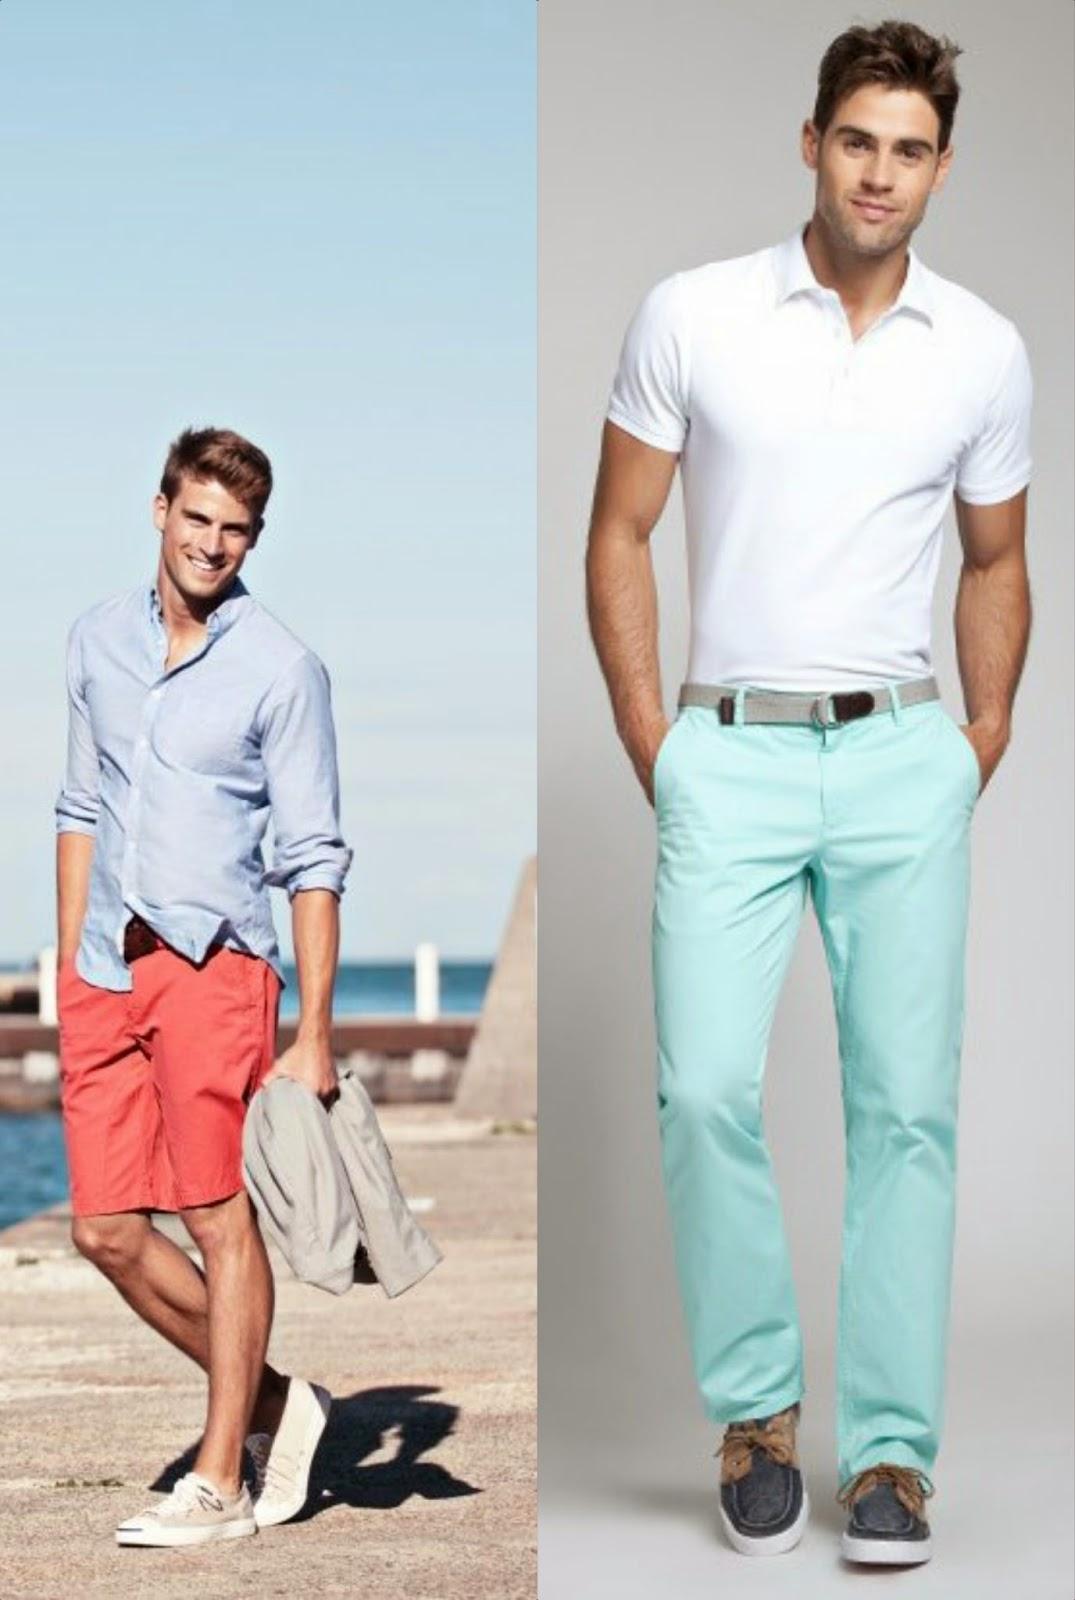 Men's Fashion Trend: Pastels